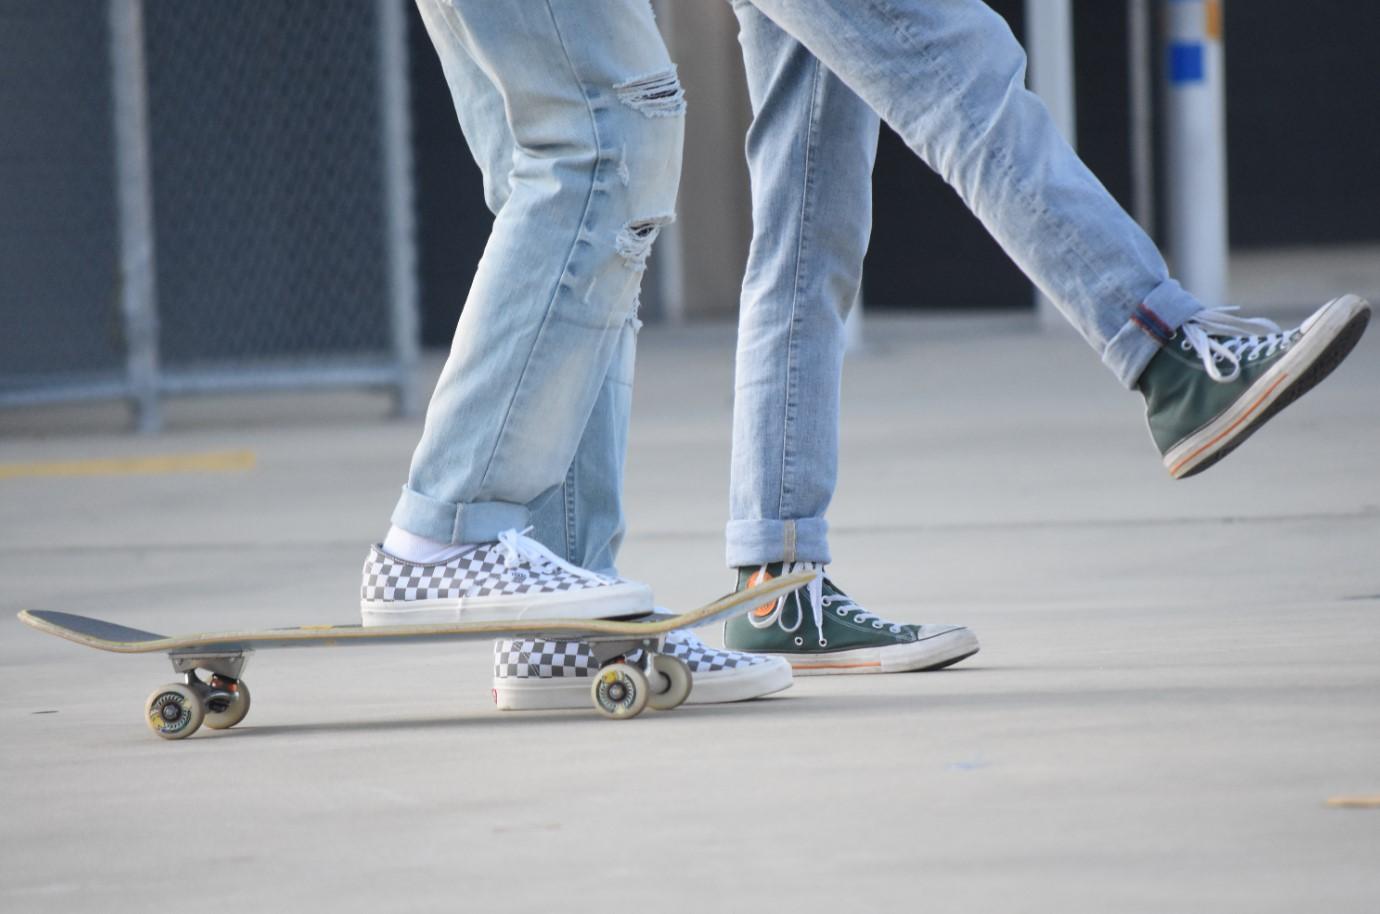 Dowiedz się, jak należy dbać o stopy, aby nie robiły się odciski